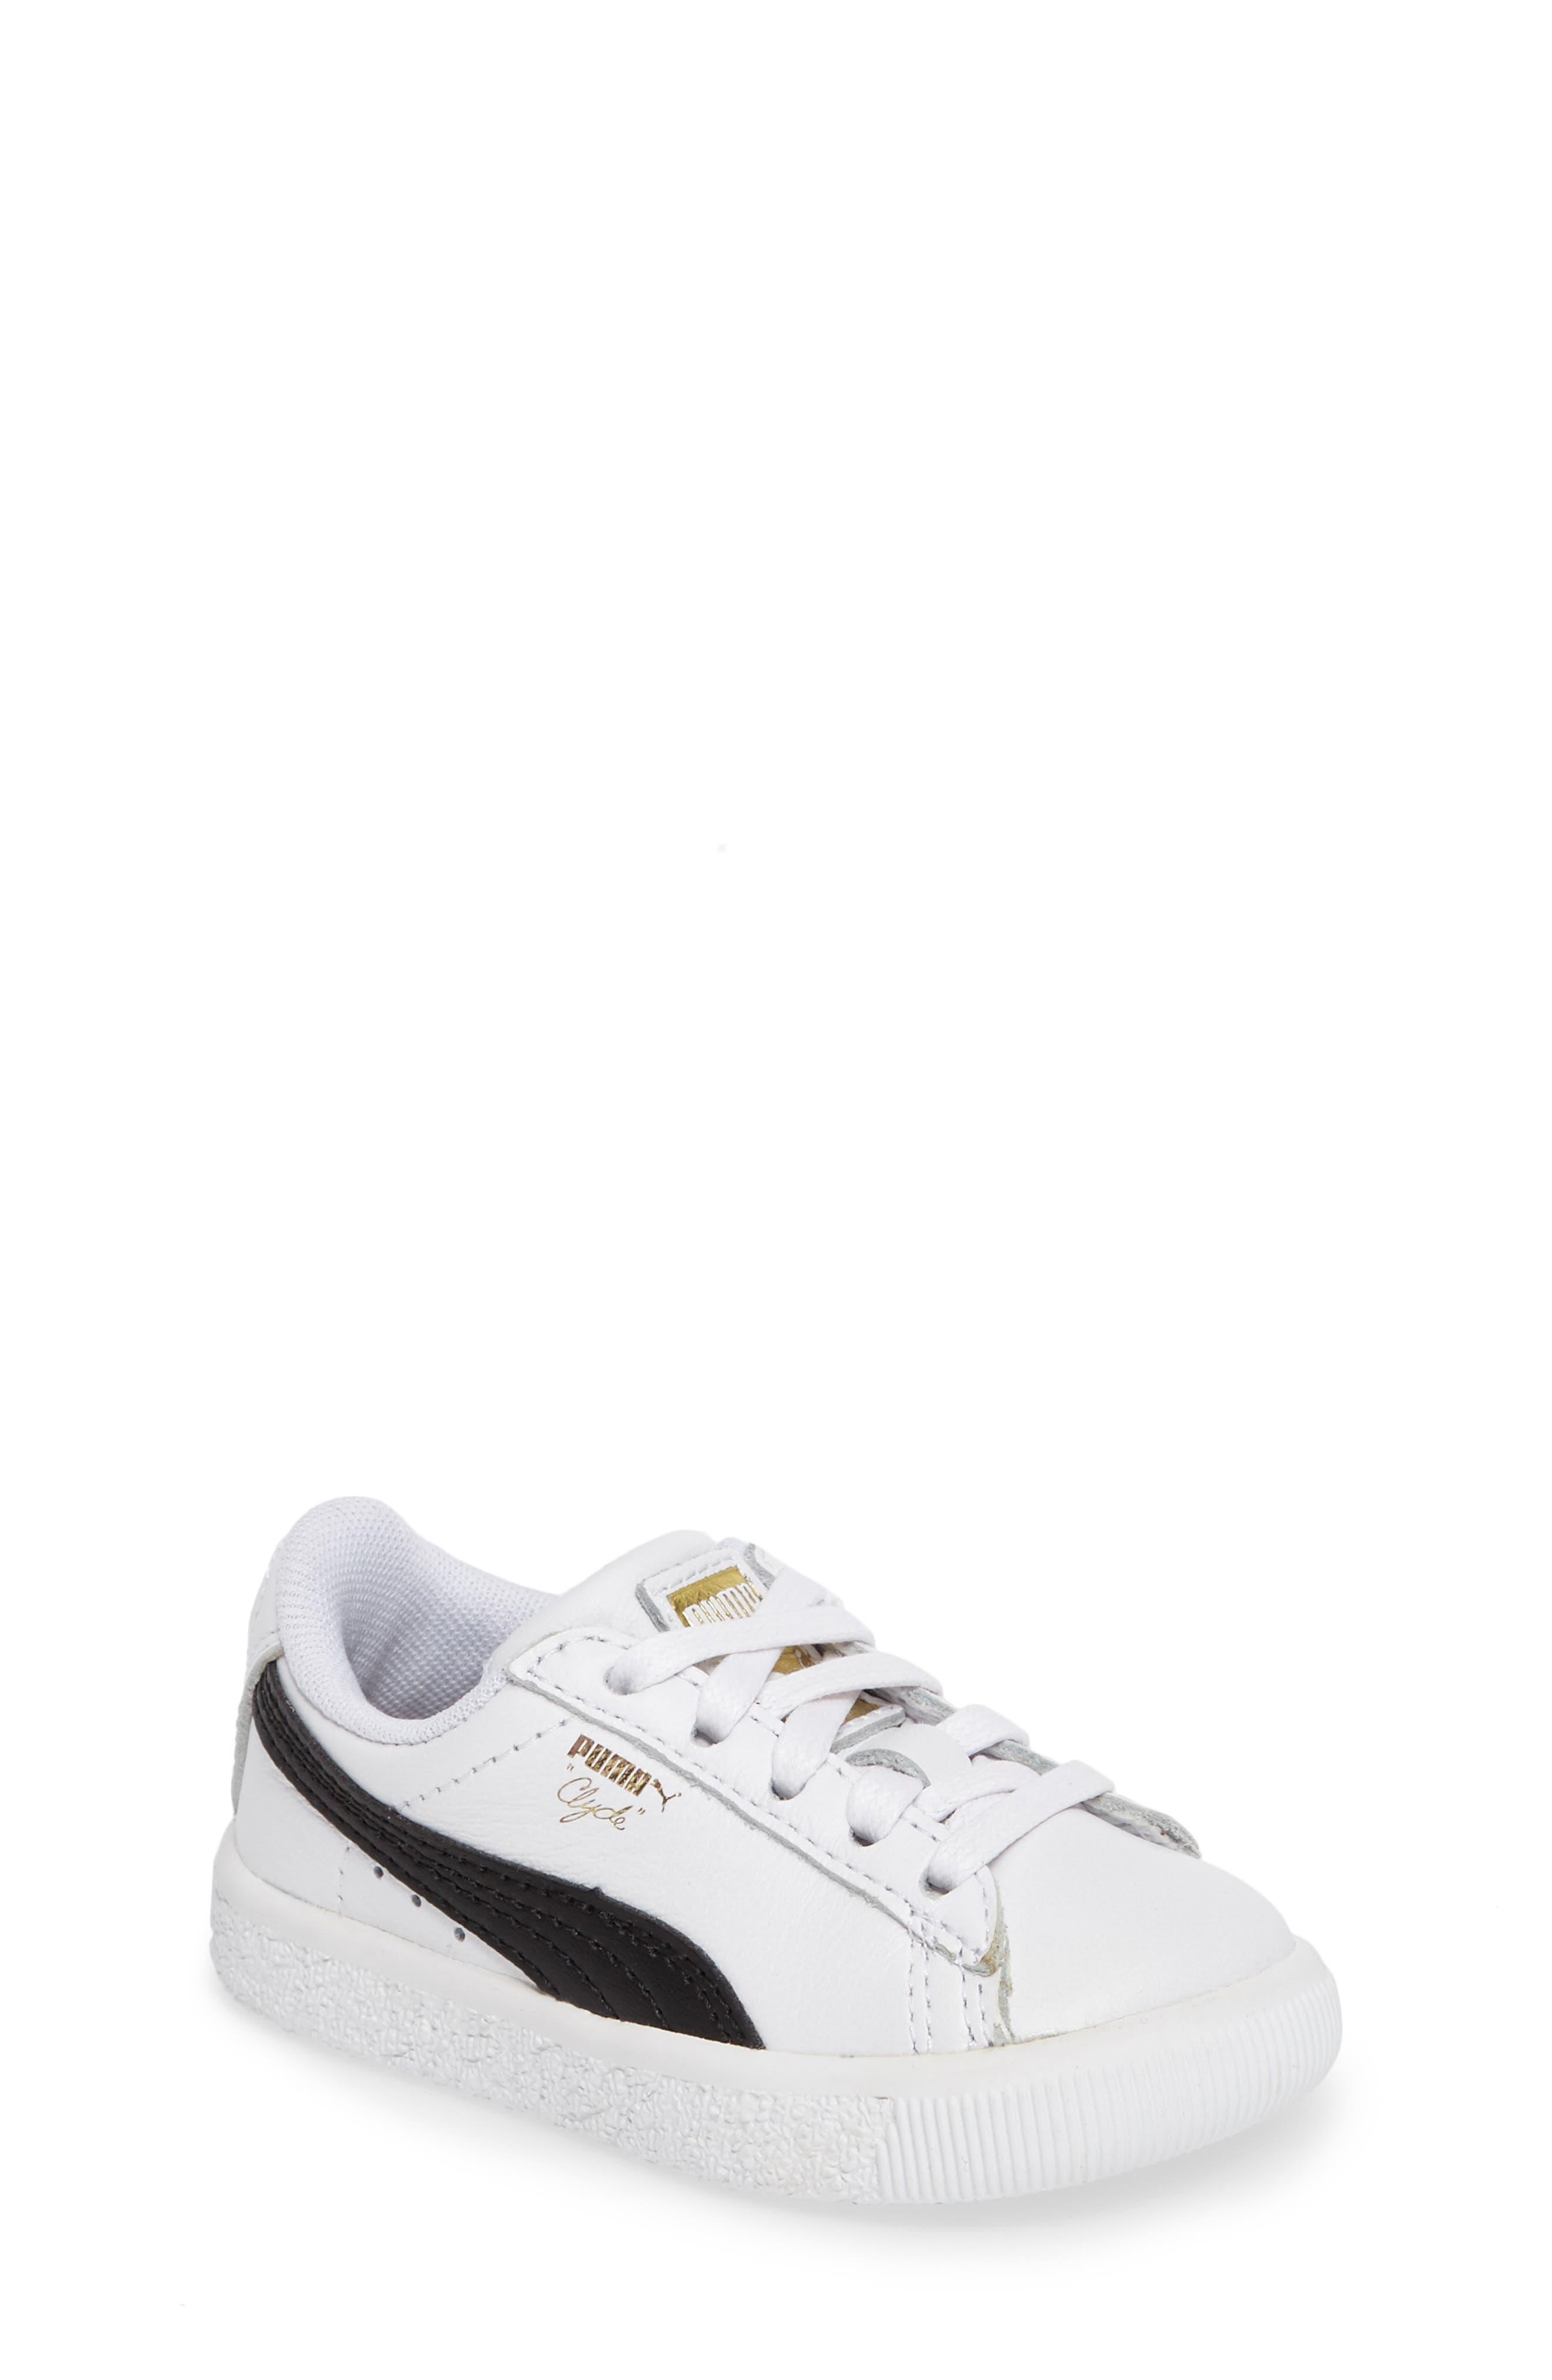 Clyde Core Foil Sneaker,                             Main thumbnail 3, color,